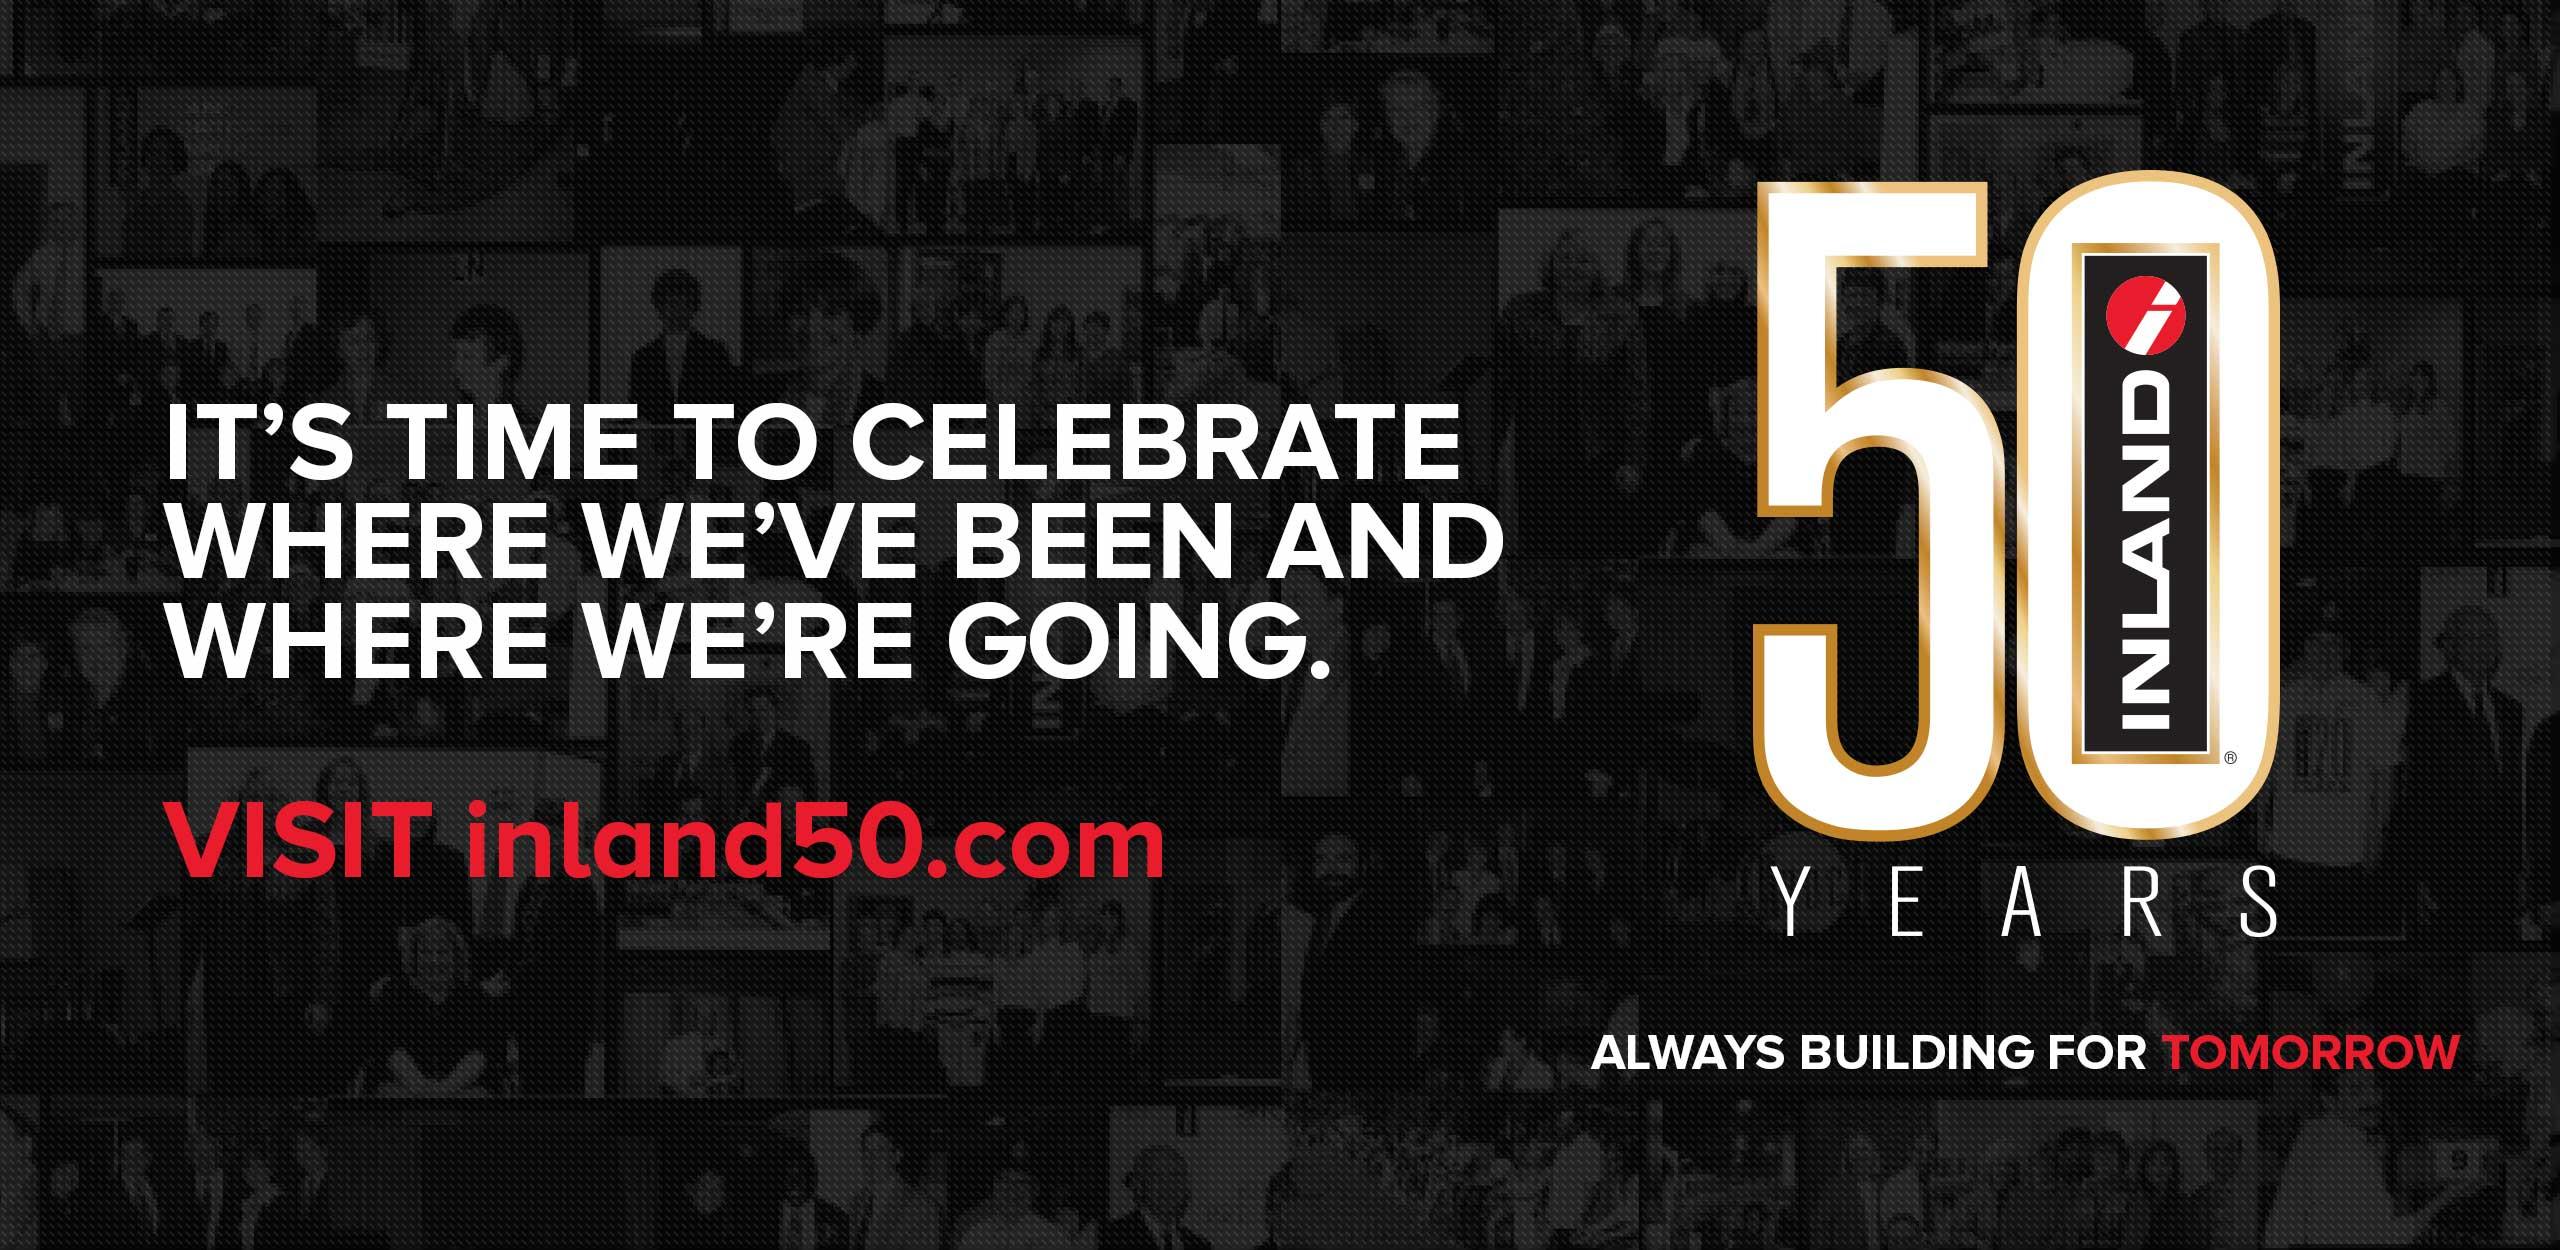 Inland50.com